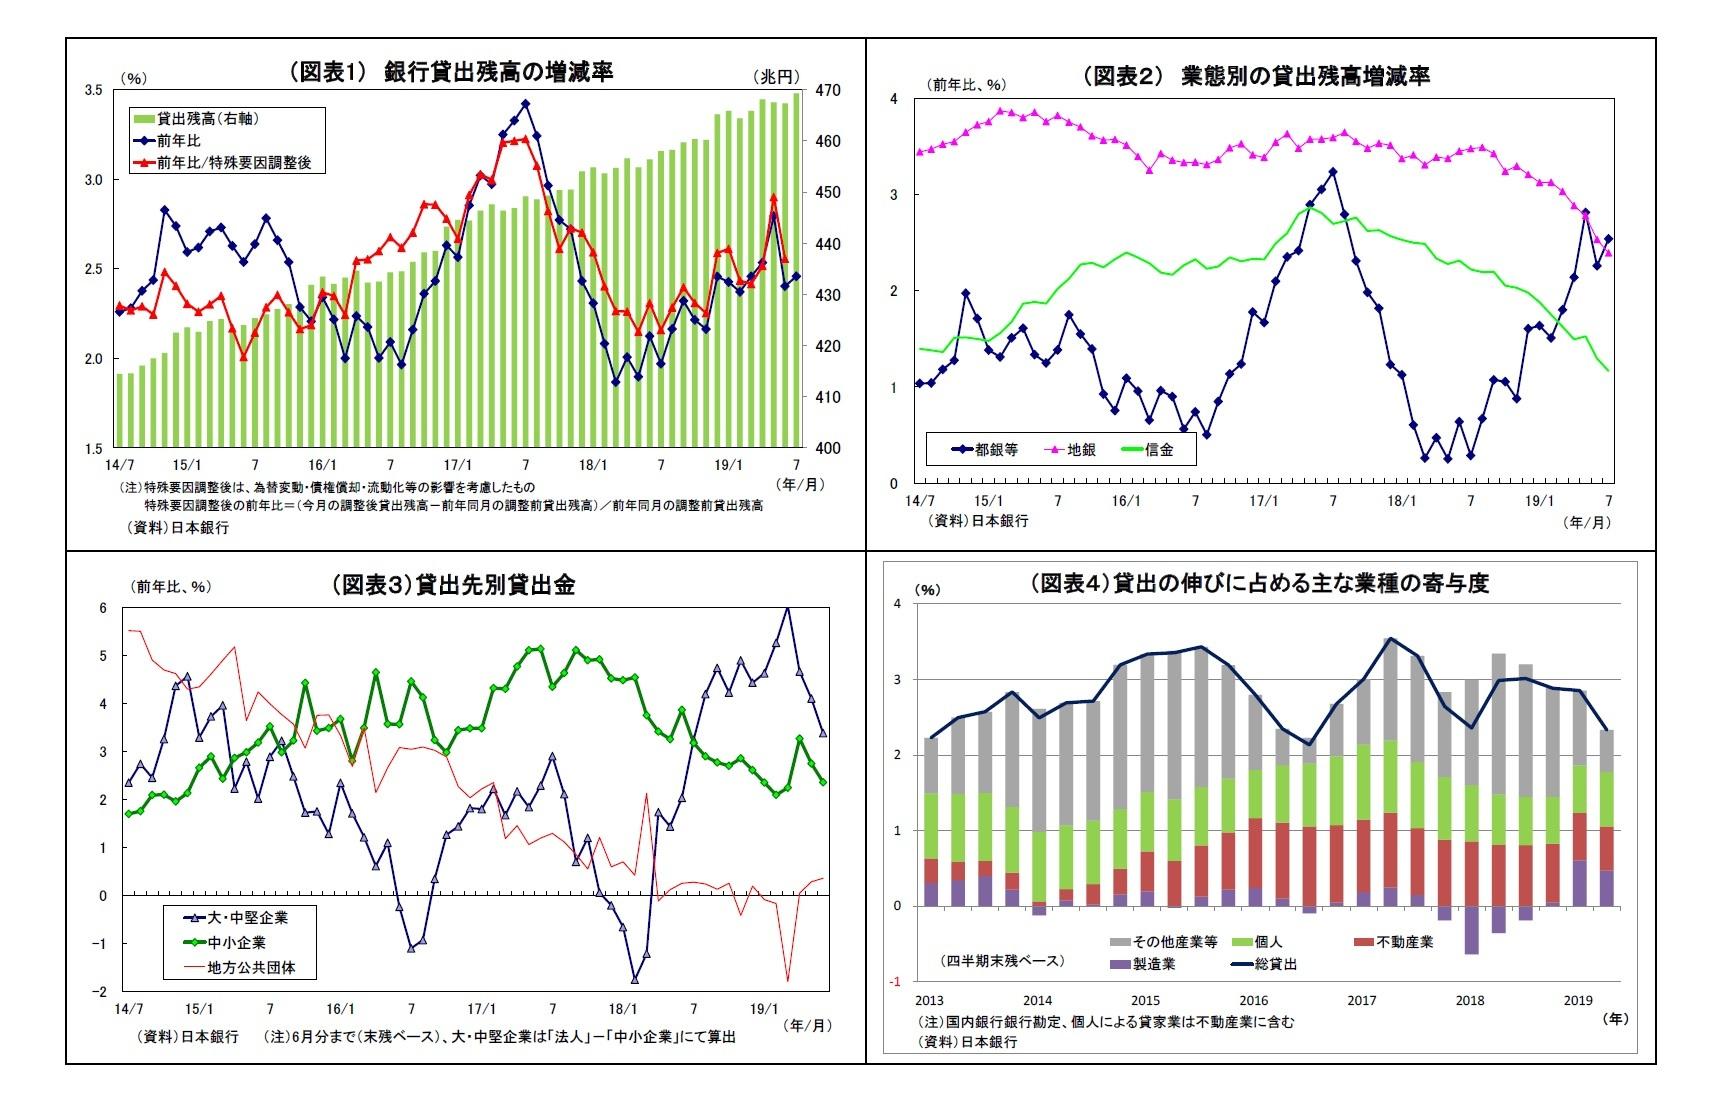 (図表1) 銀行貸出残高の増減率/(図表2) 業態別の貸出残高増減率/(図表3)貸出先別貸出金/(図表4)貸出の伸びに占める主な業種の寄与度